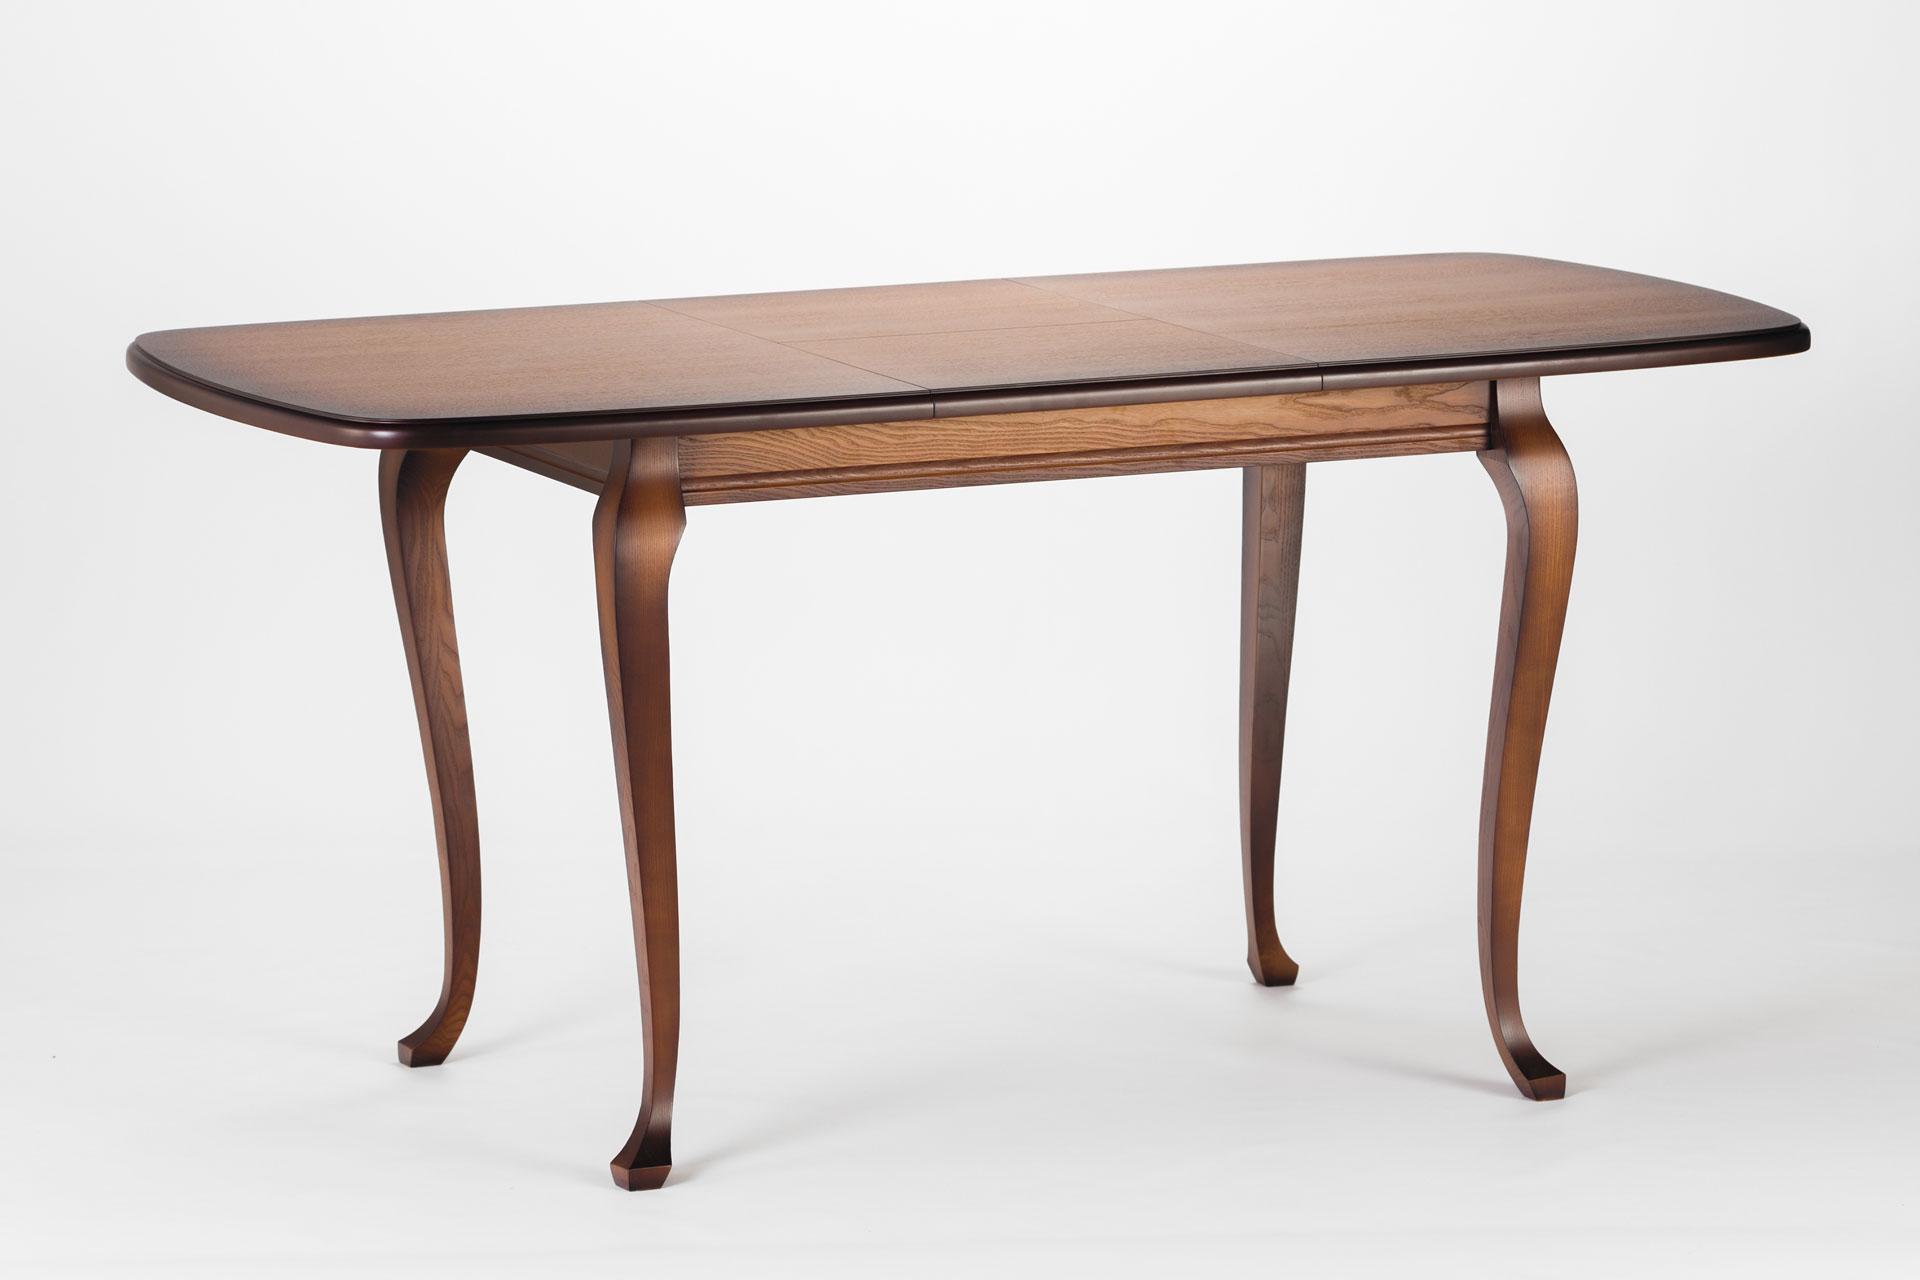 Деревянный кухонный стол Людовик, тонированный, разложенный